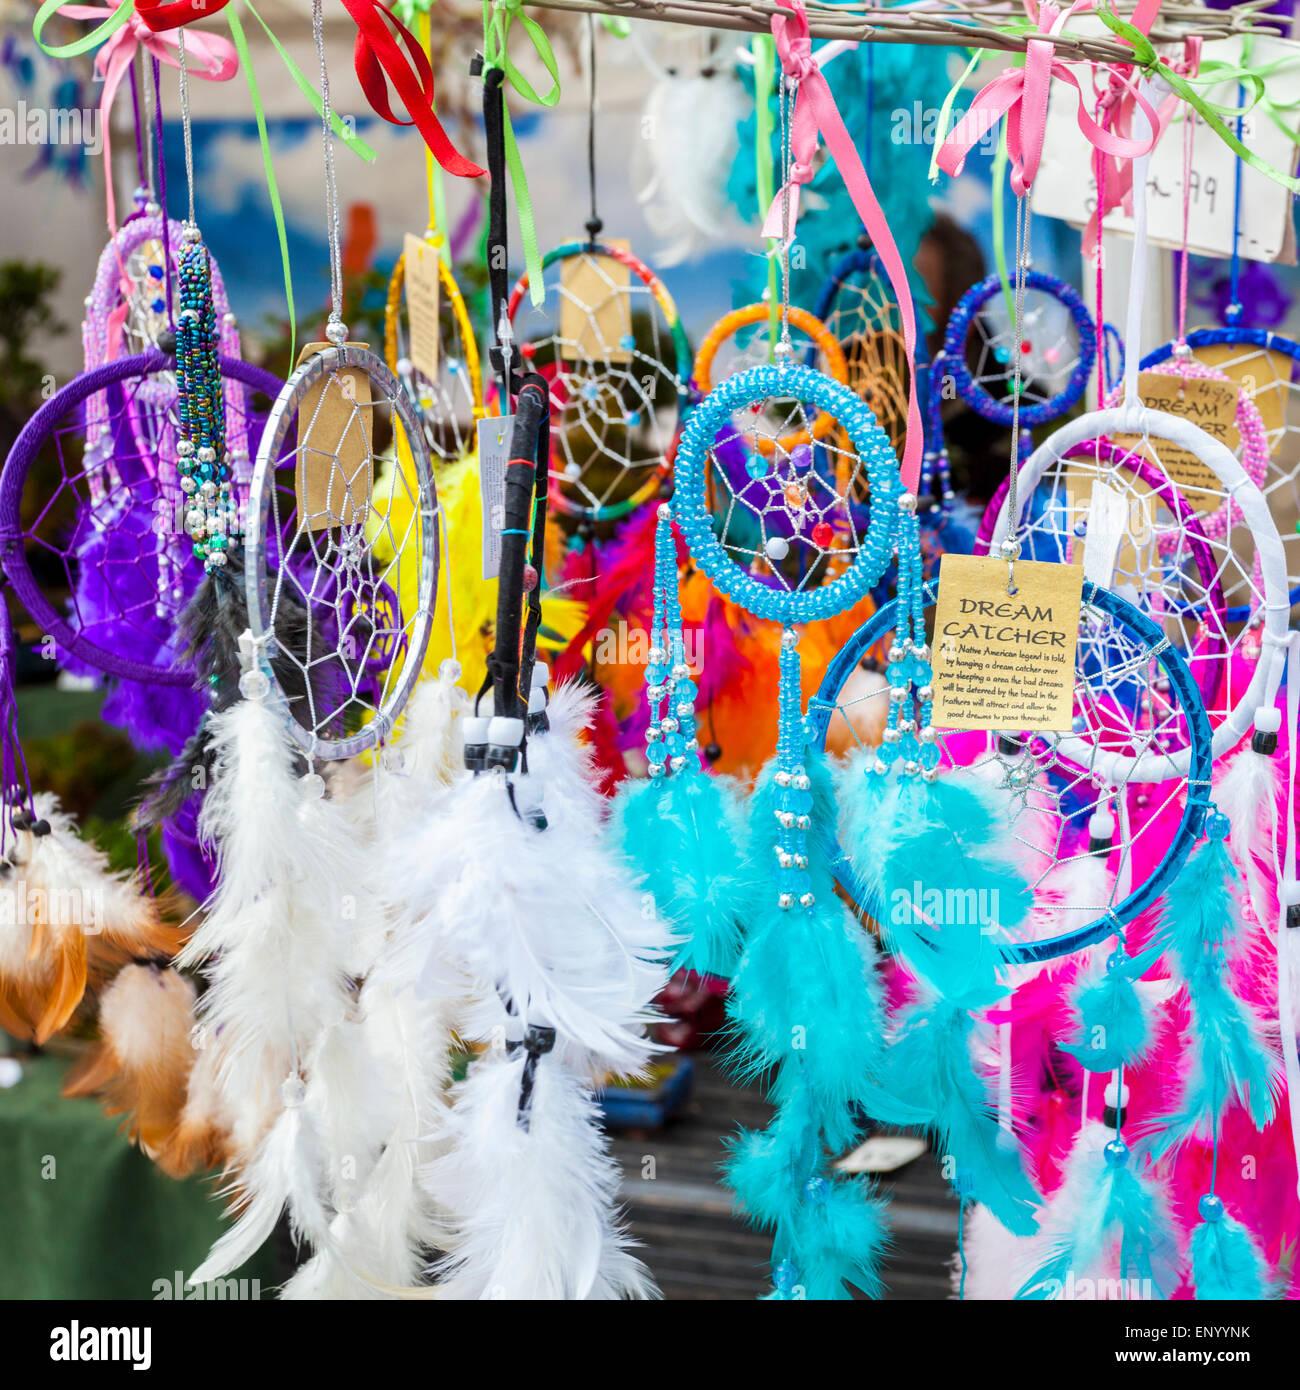 Sogno catturatori (o) dreamcatchers per la vendita su un mercato in stallo, Nottingham, Inghilterra, Regno Unito Immagini Stock